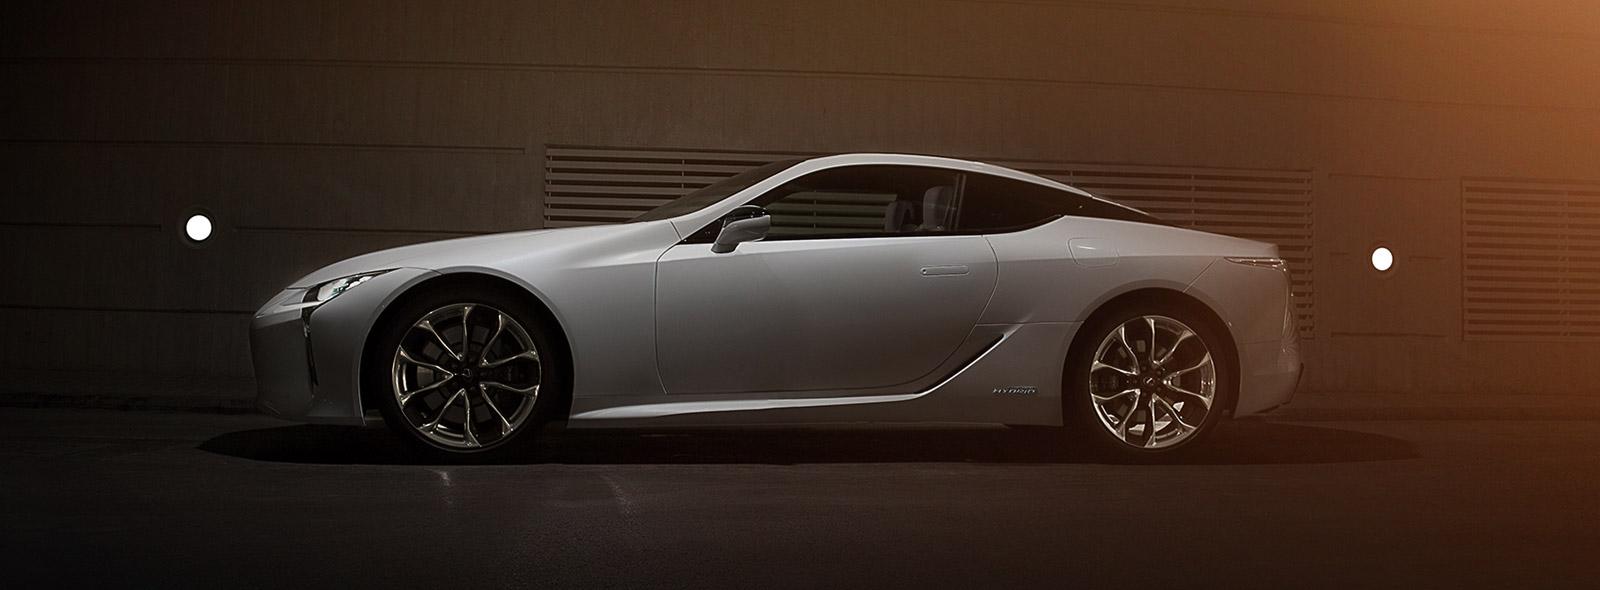 Üslublu ağ Lexus LC Hibrid avtomobilinin yan görünüşü